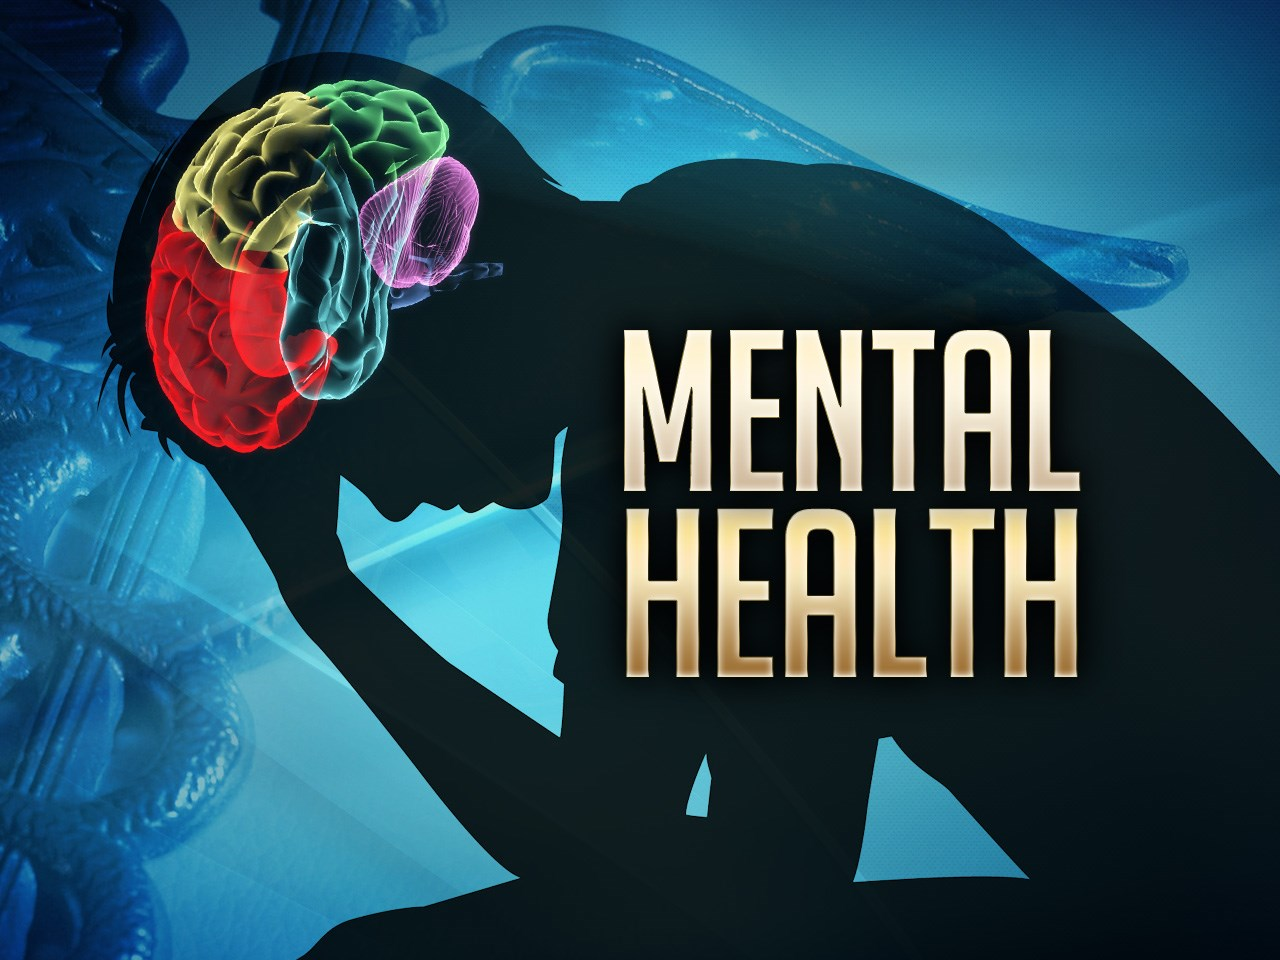 Mental Health Awareness Month